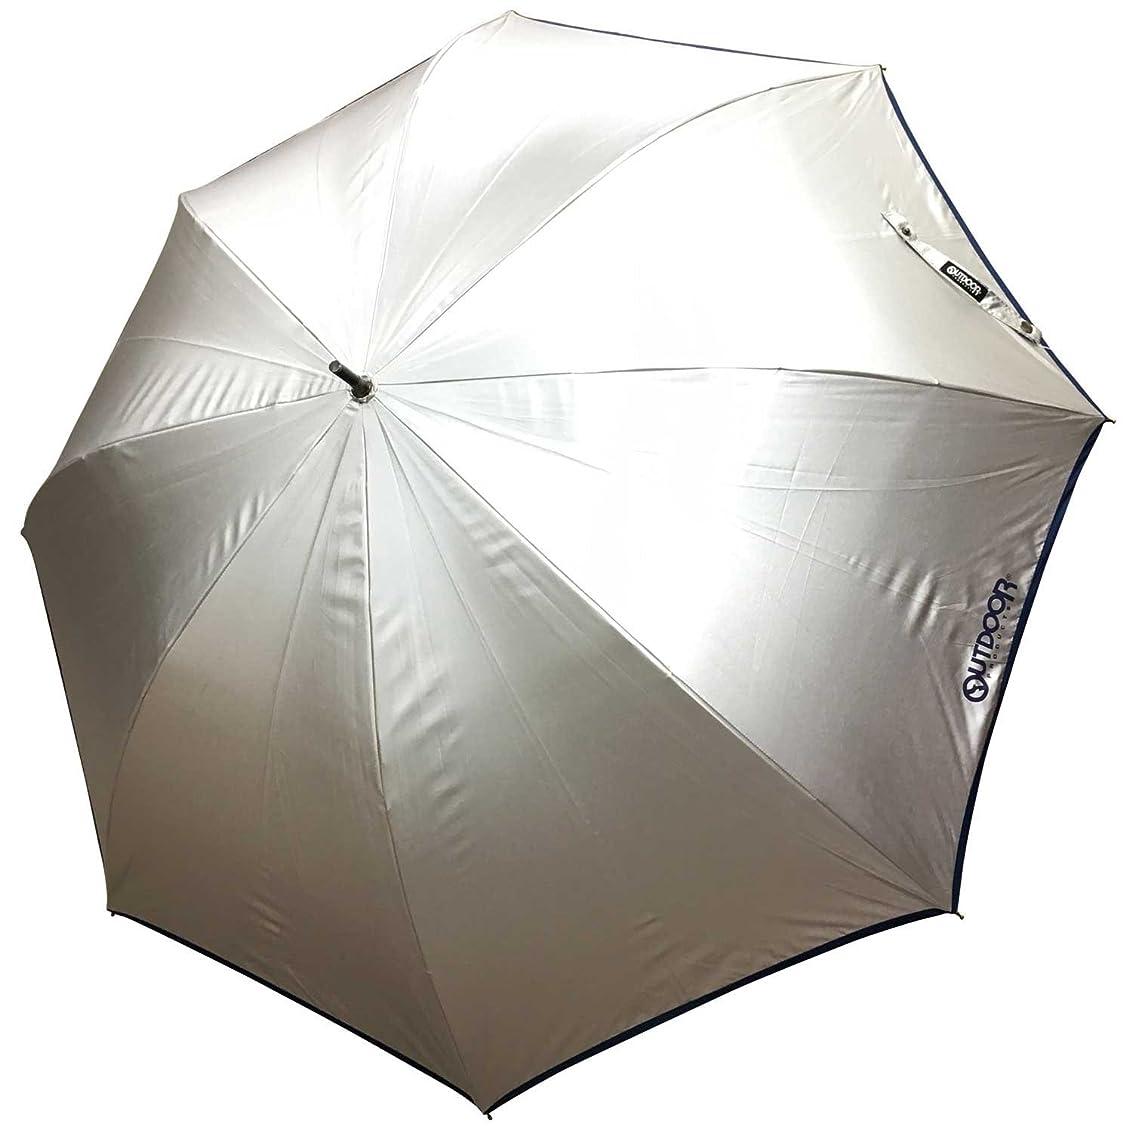 裁判所に多様体OUTDOOR PRODUCTS(アウトドア プロダクツ) 男女兼用 晴雨兼用傘 裏PUコーティング 65cm ジャンプ傘